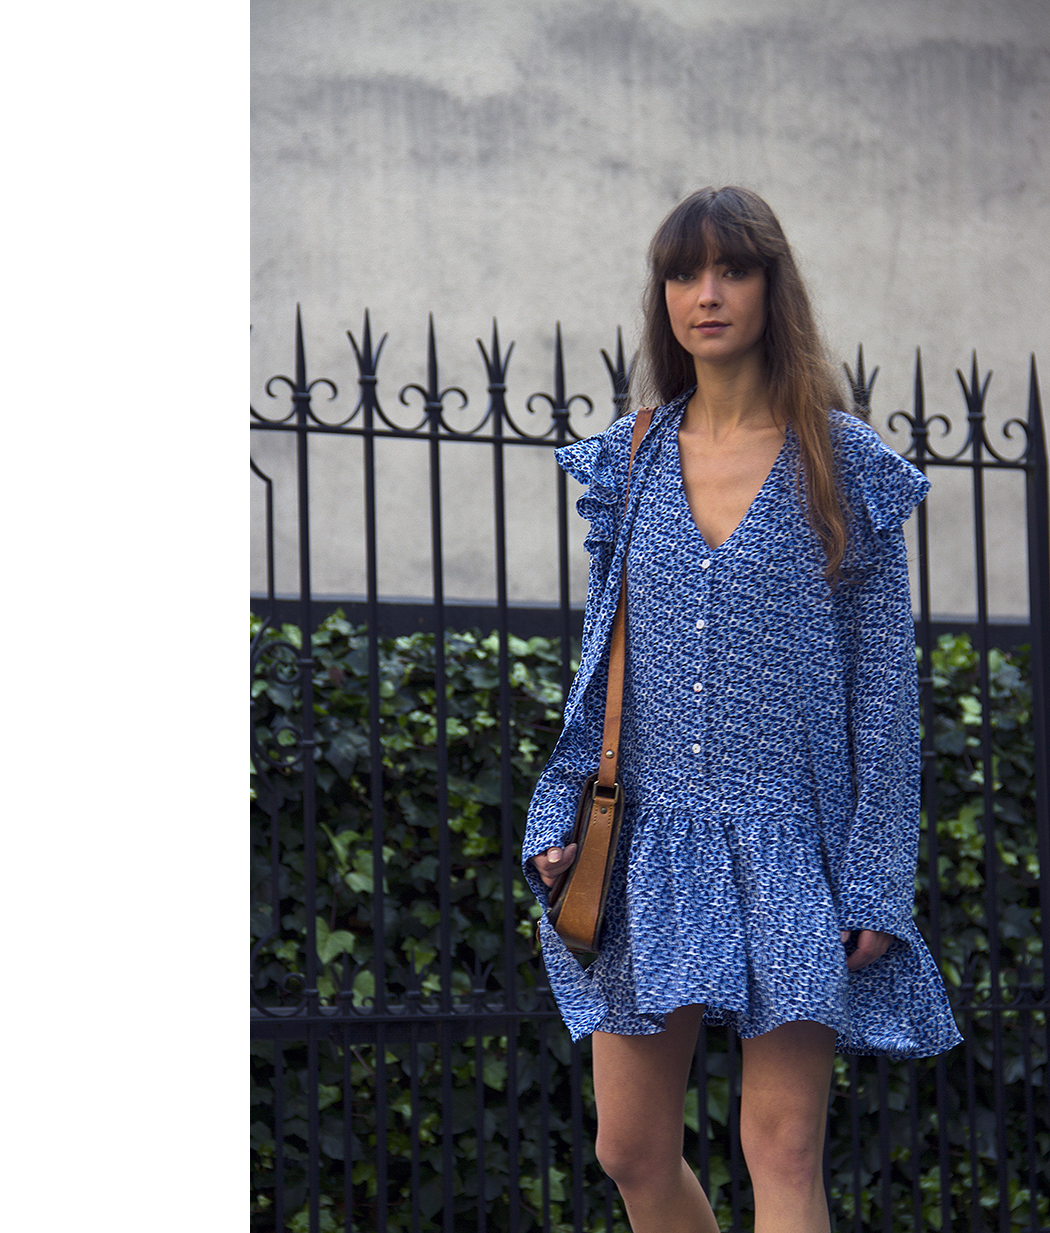 Matin Studio Angie dress, Louis Vuitton bag 3.png